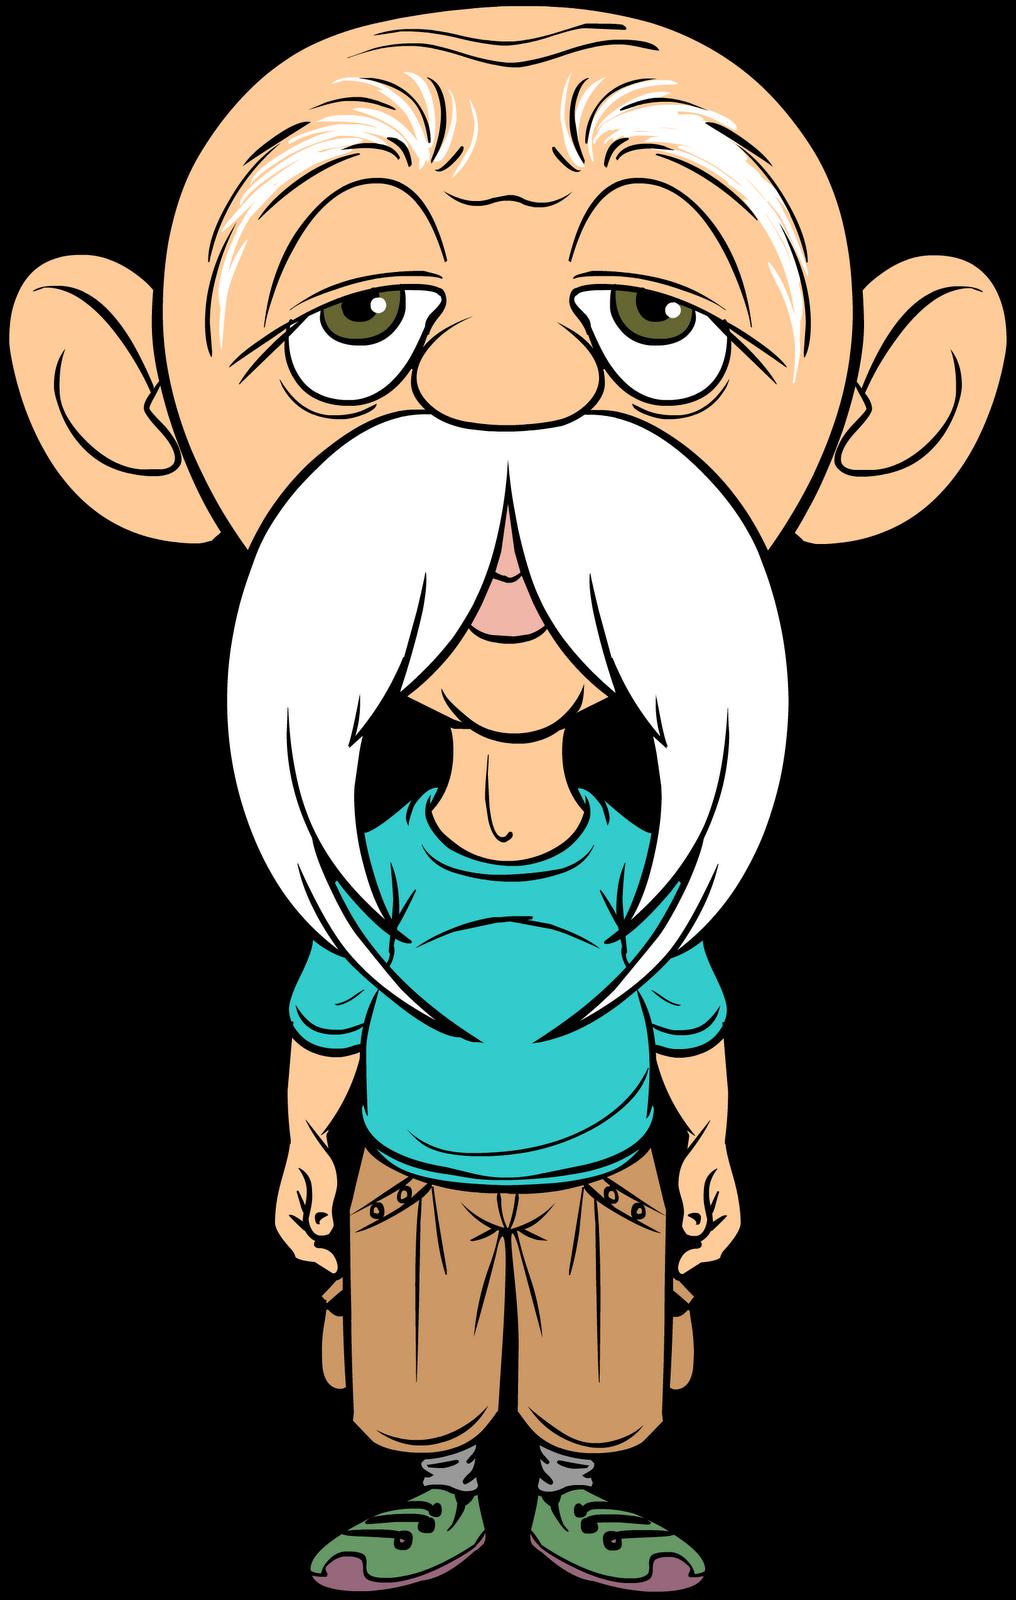 old man cartoon szukaj w google m czy ni pinterest cartoon rh pinterest com old man clipart and birthday free old man clipart and birthday free